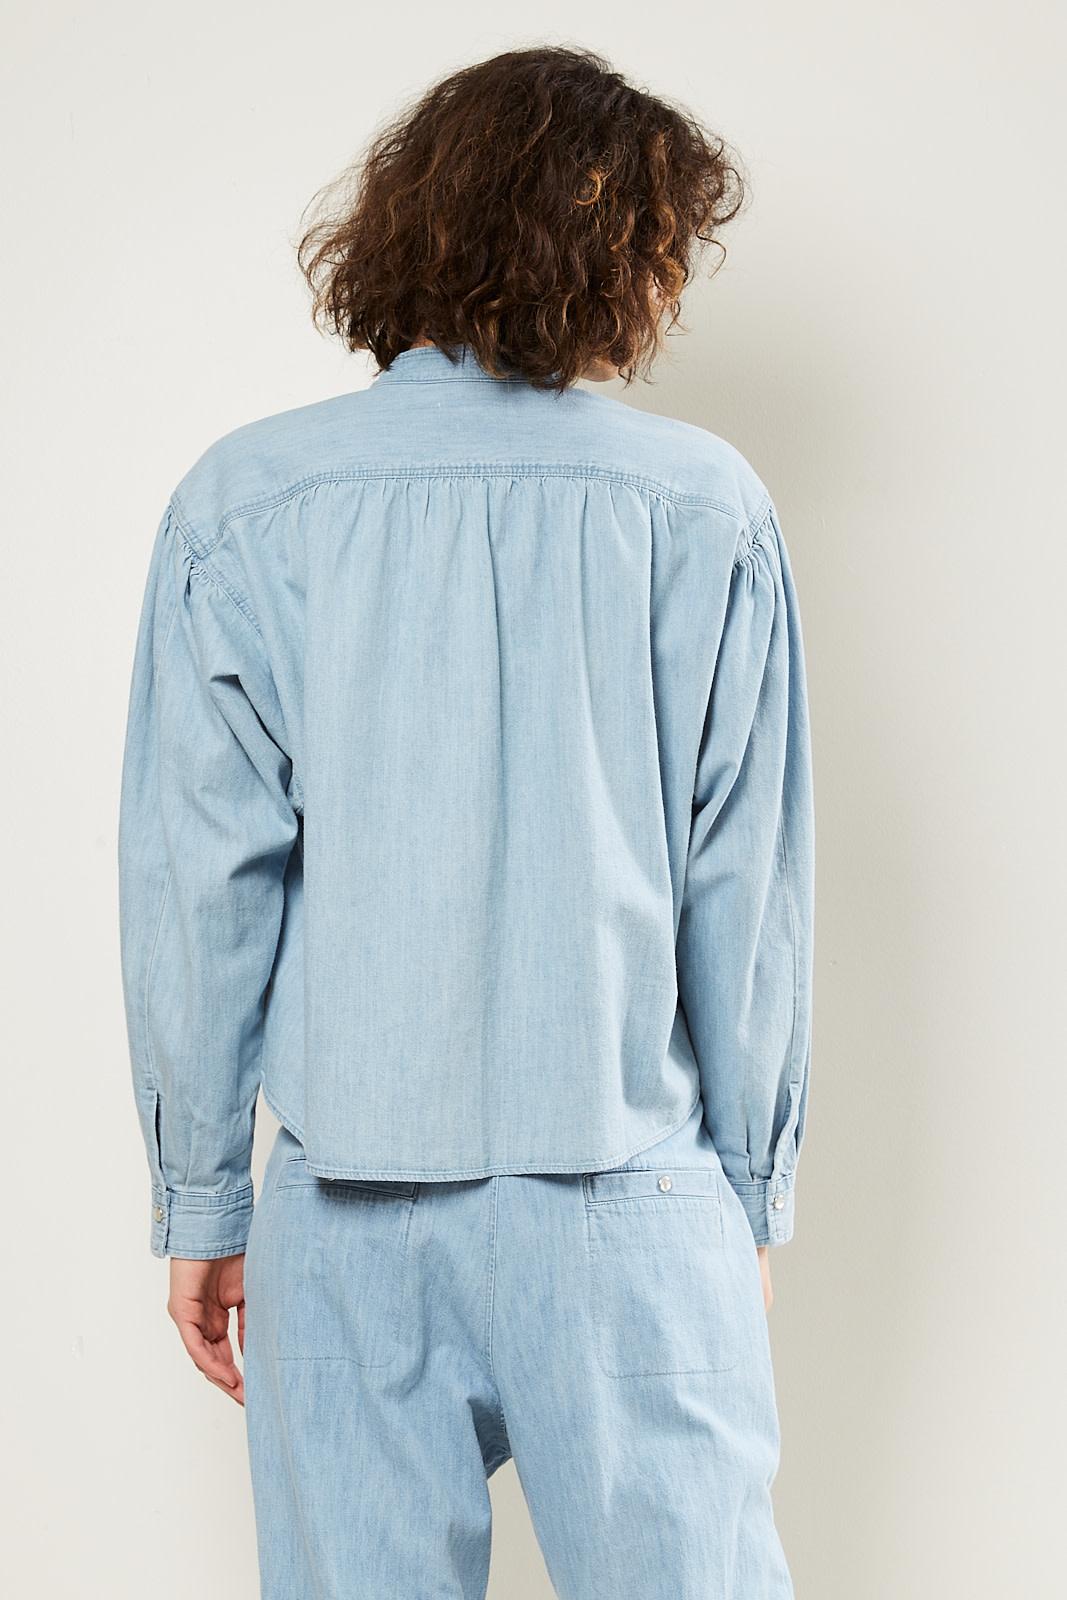 Etoile Isabel Marant - Madoc jeans shirt